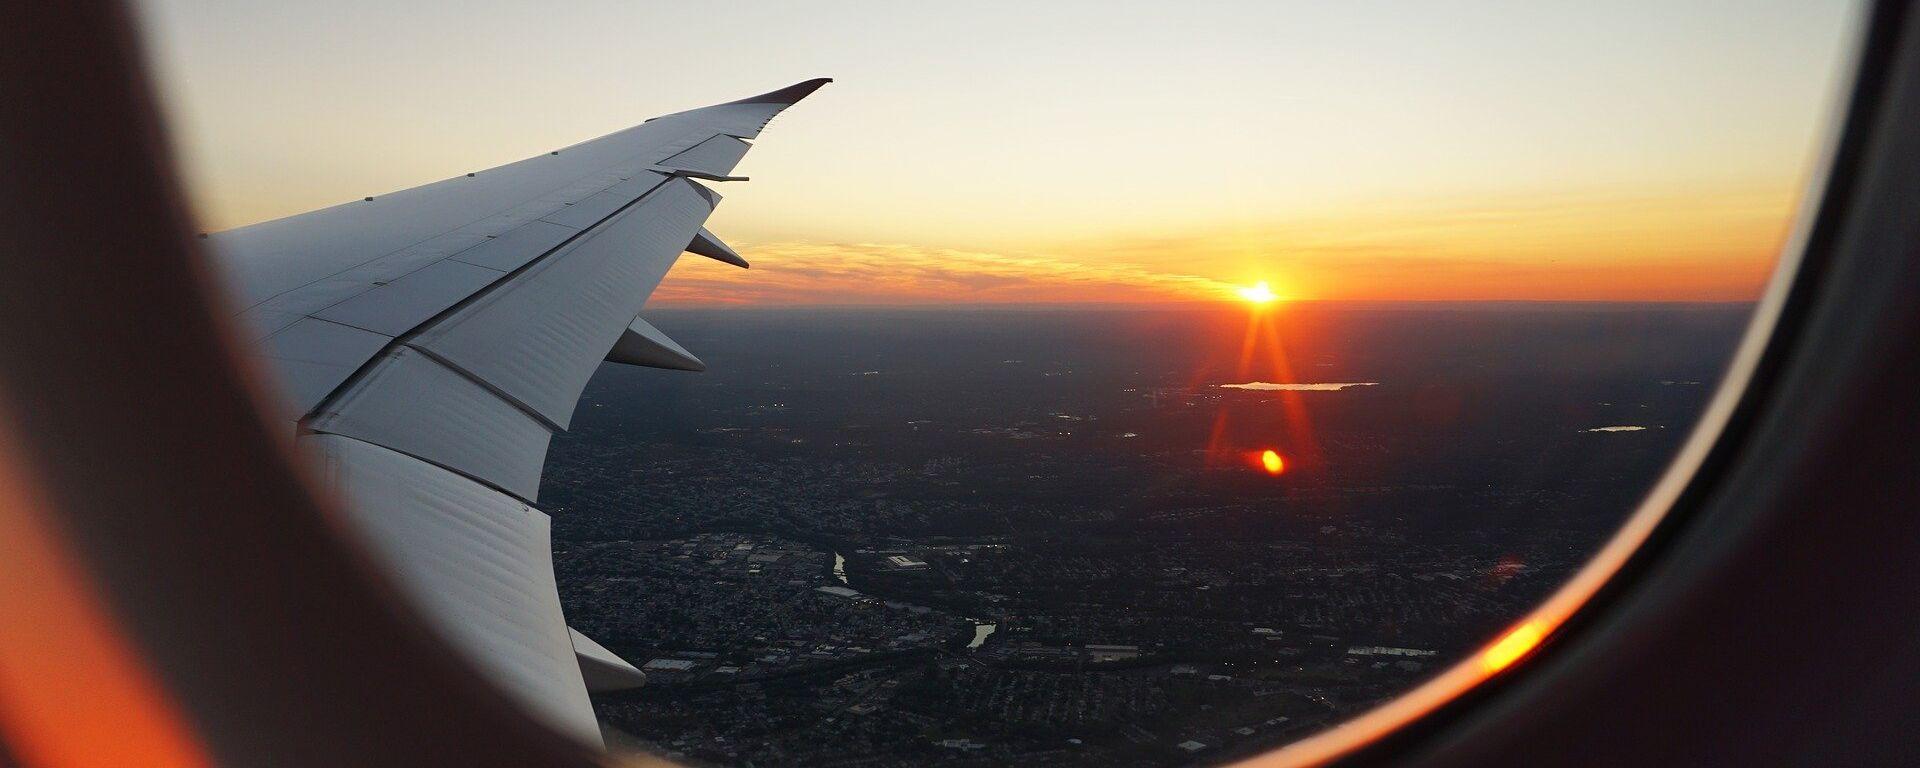 Puesta de sol vista desde un avión (imagen referencial) - Sputnik Mundo, 1920, 09.09.2021